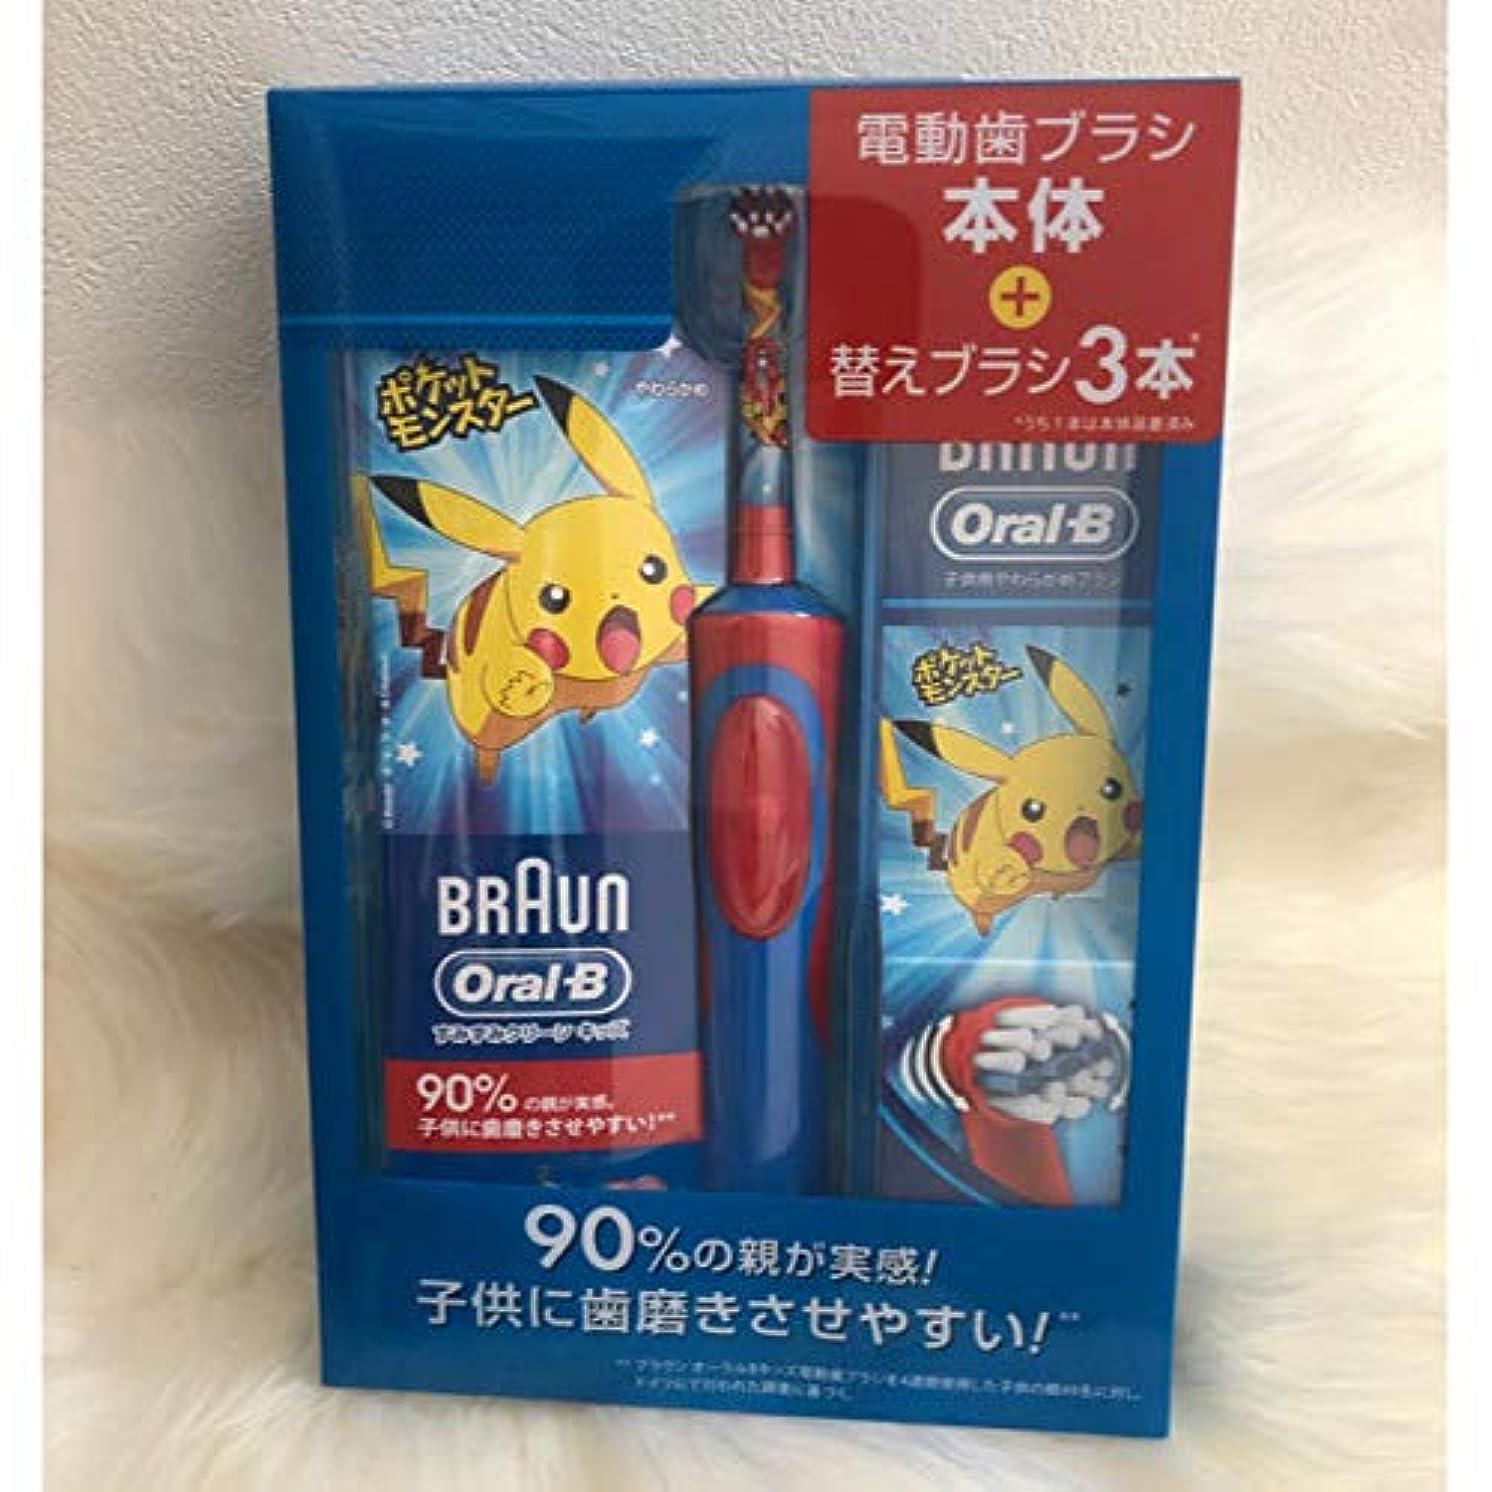 である所属文献BRAUN ORAL-B 子供用電動歯ブラシ 本体 & 替えブラシ3本 ピカチュウ